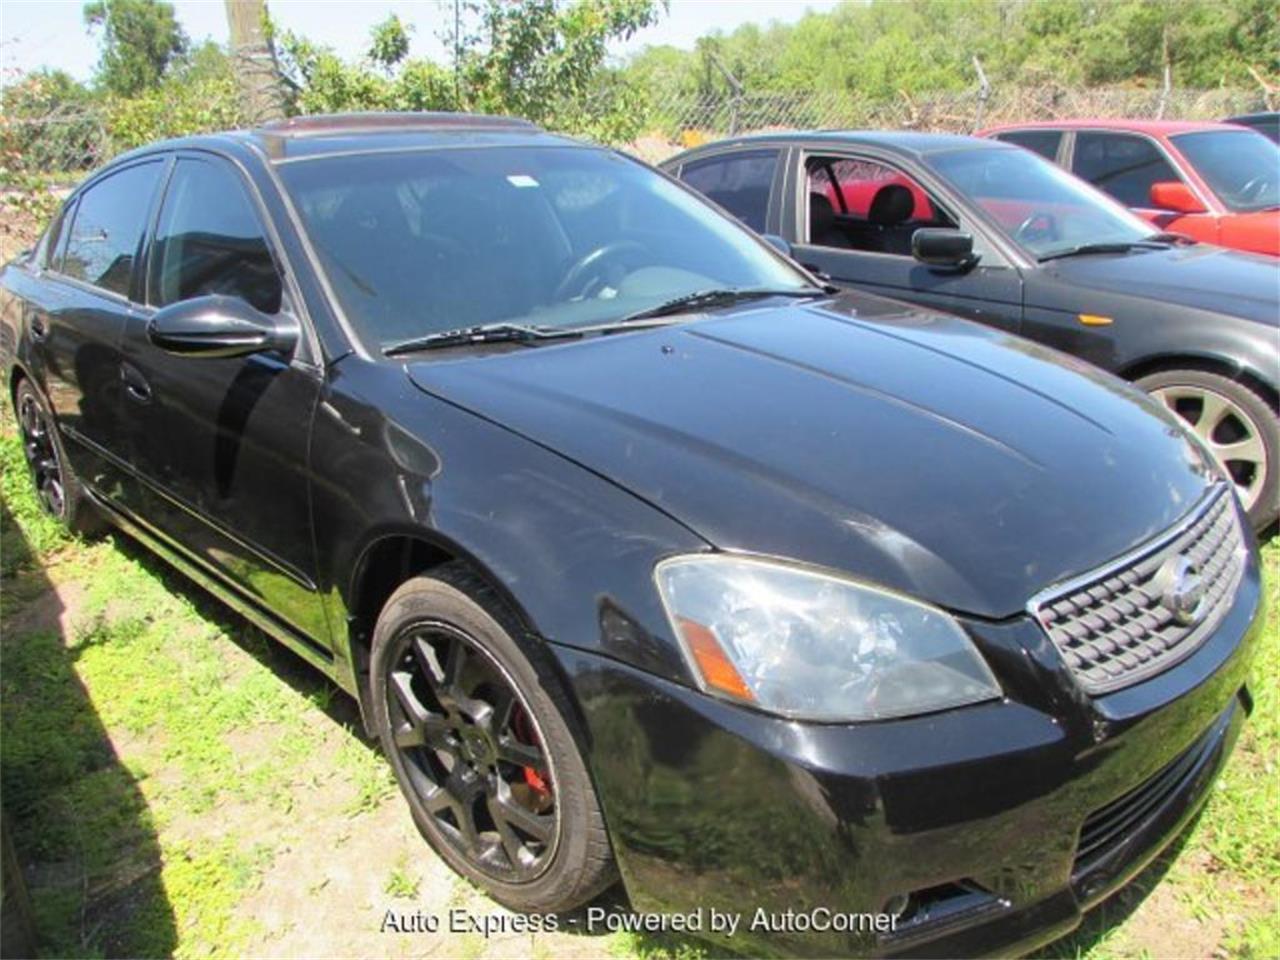 2006 Nissan Altima For Sale >> 2006 Nissan Altima For Sale Classiccars Com Cc 1215976